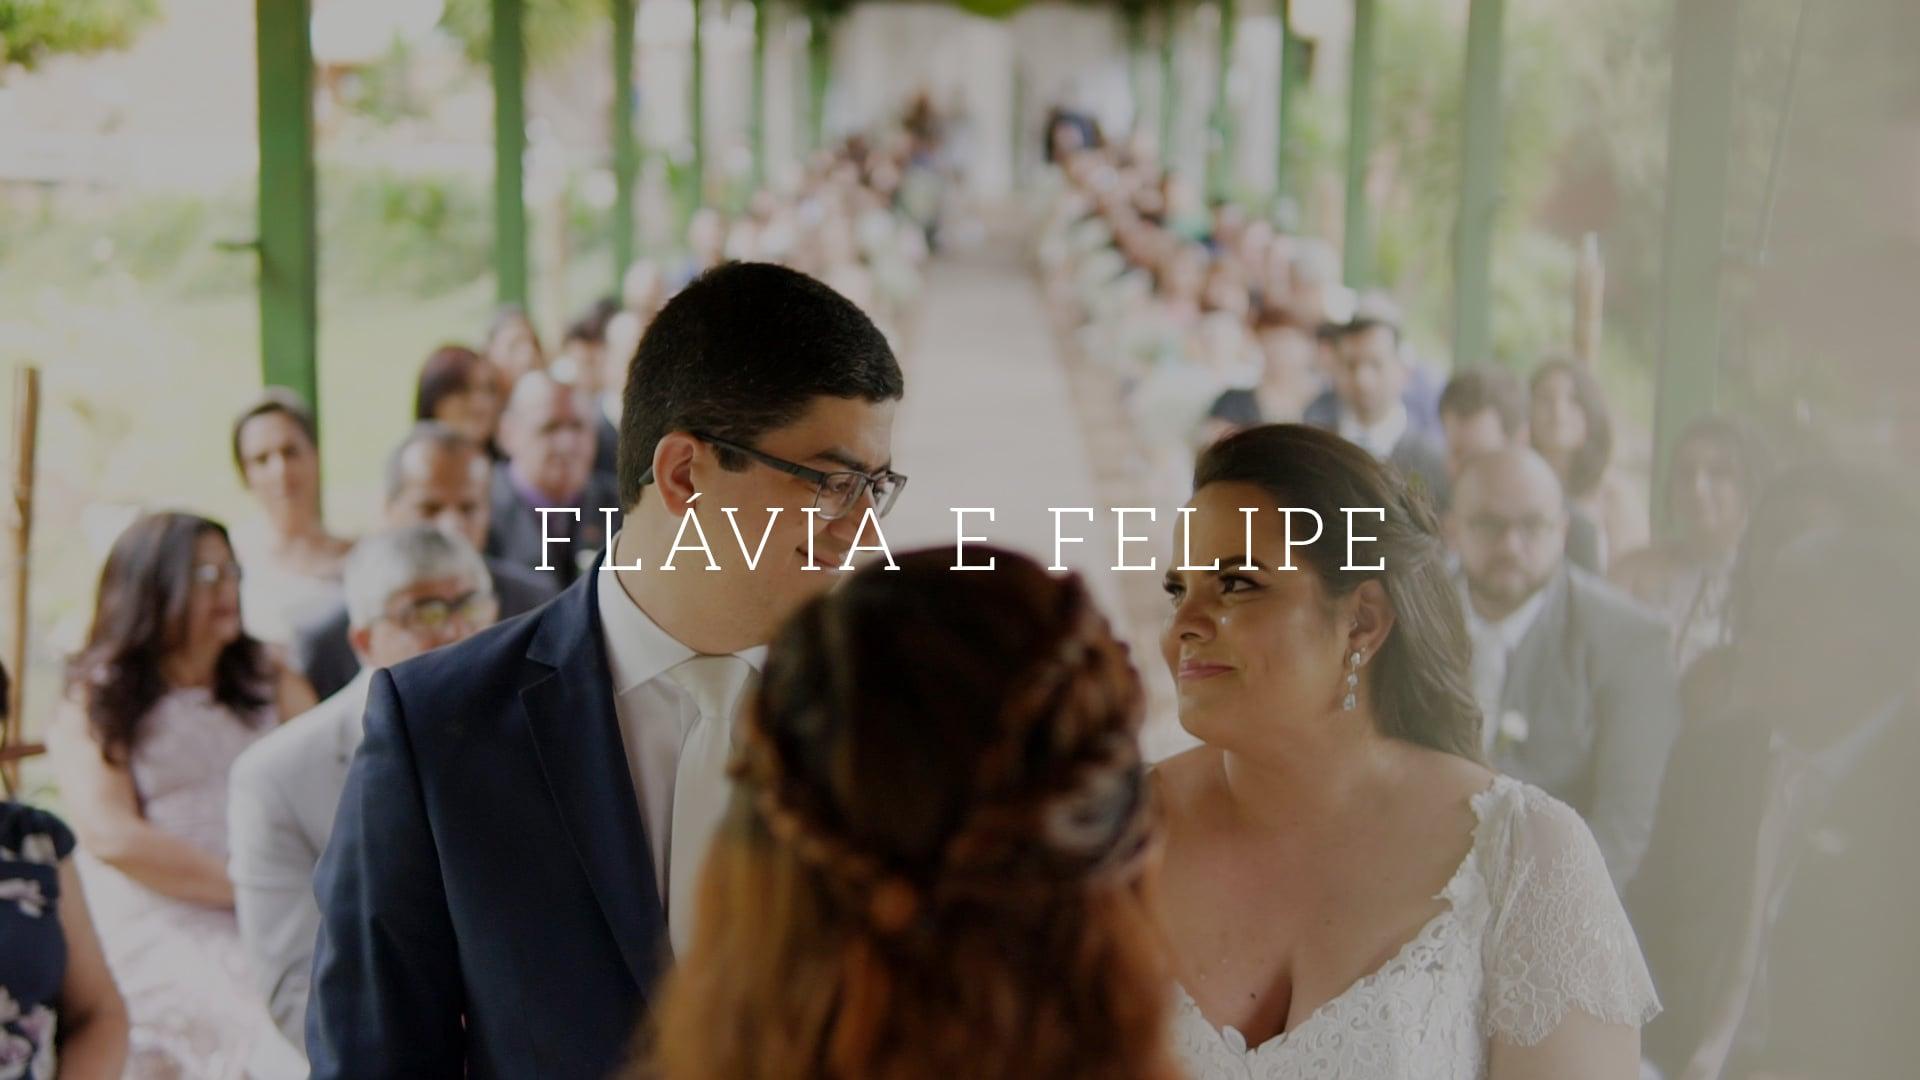 Flavia e Felipe